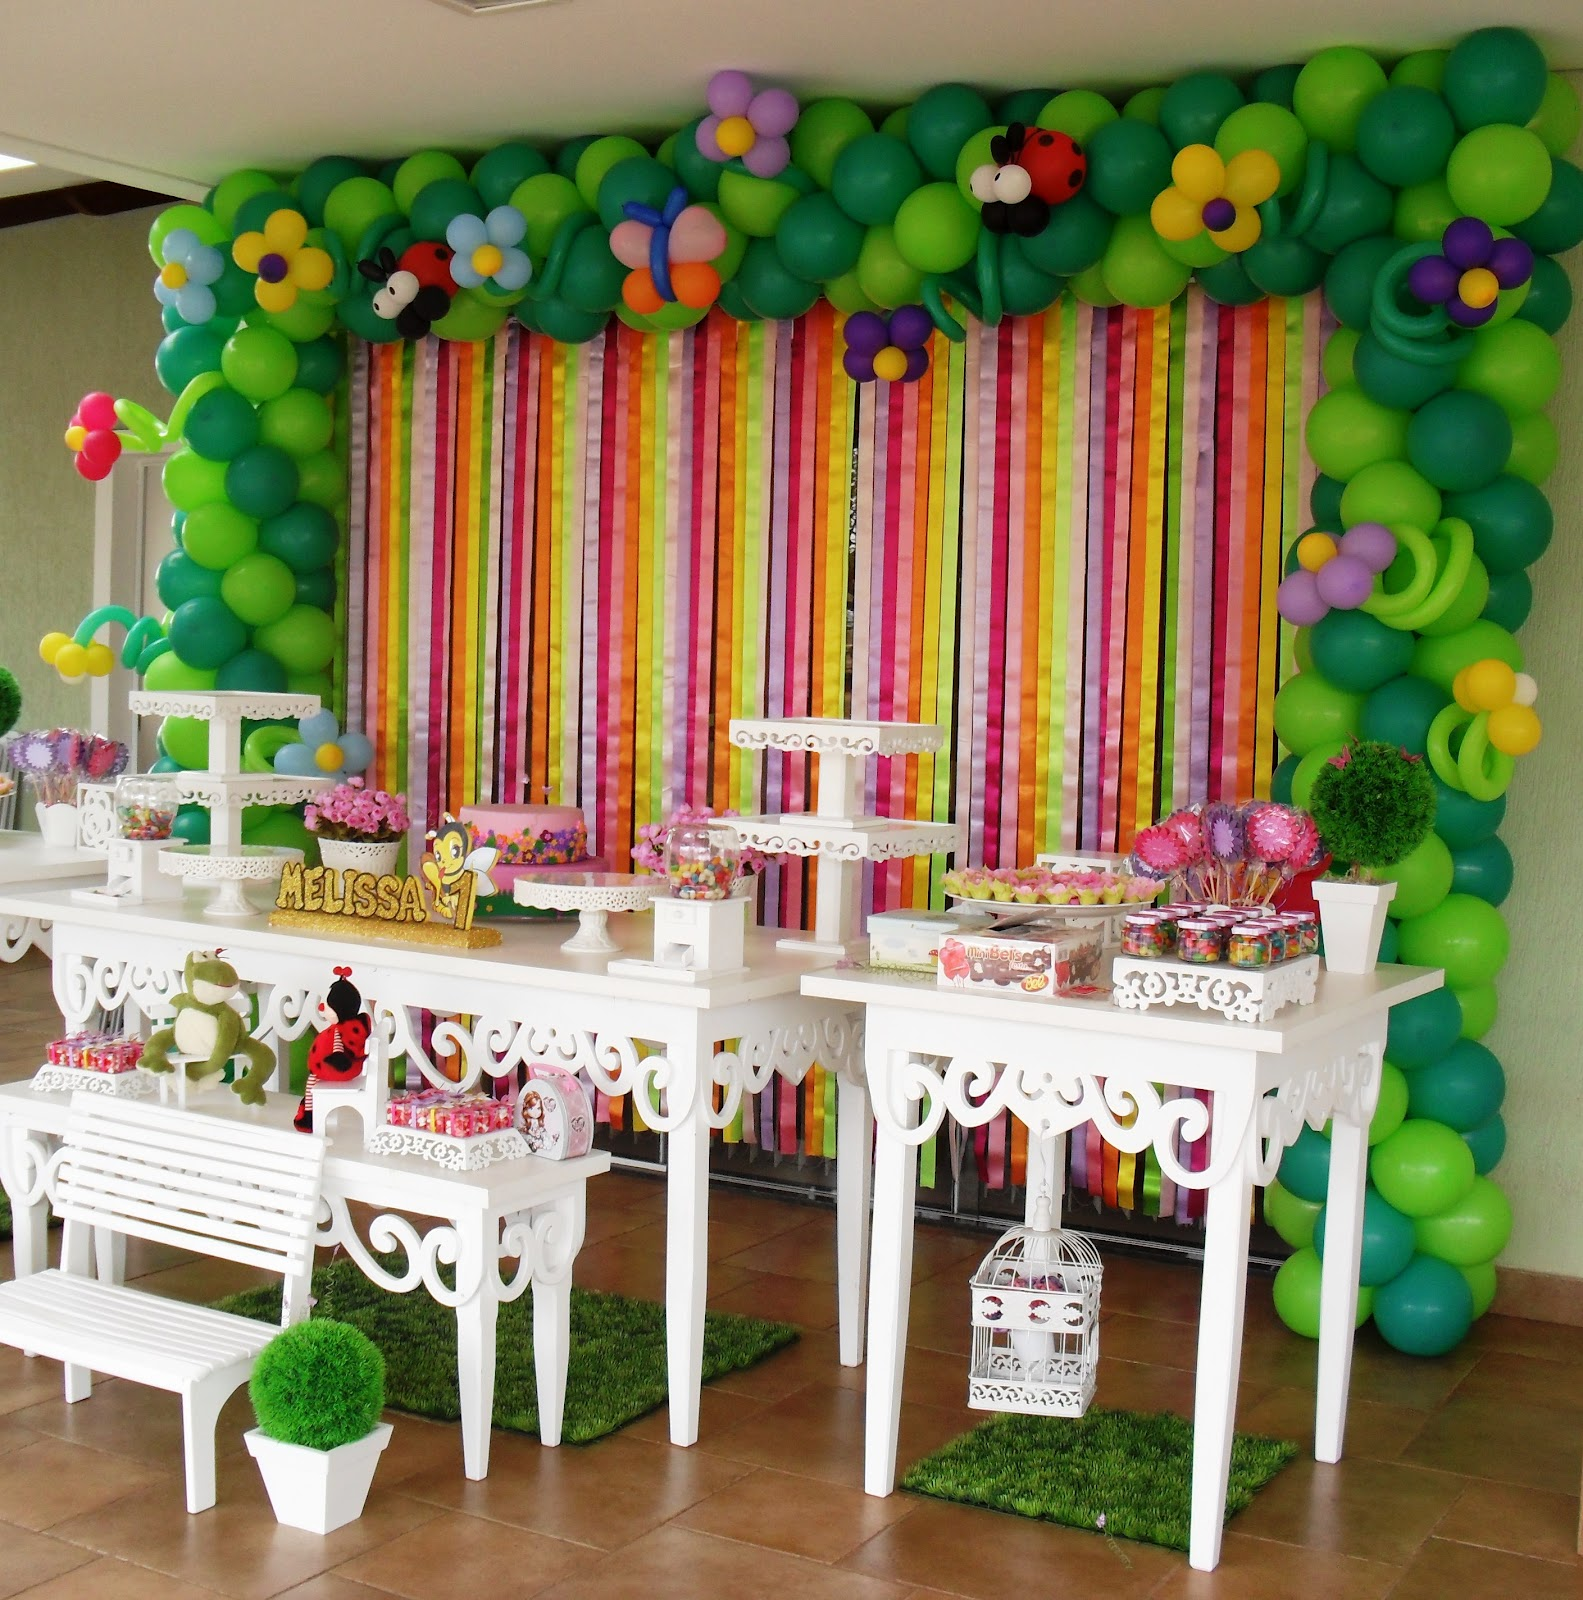 decoracao de balões jardim encantado:ART BALLOONS & EVENTOS: DECORAÇÃO JARDIM ENCANTADO